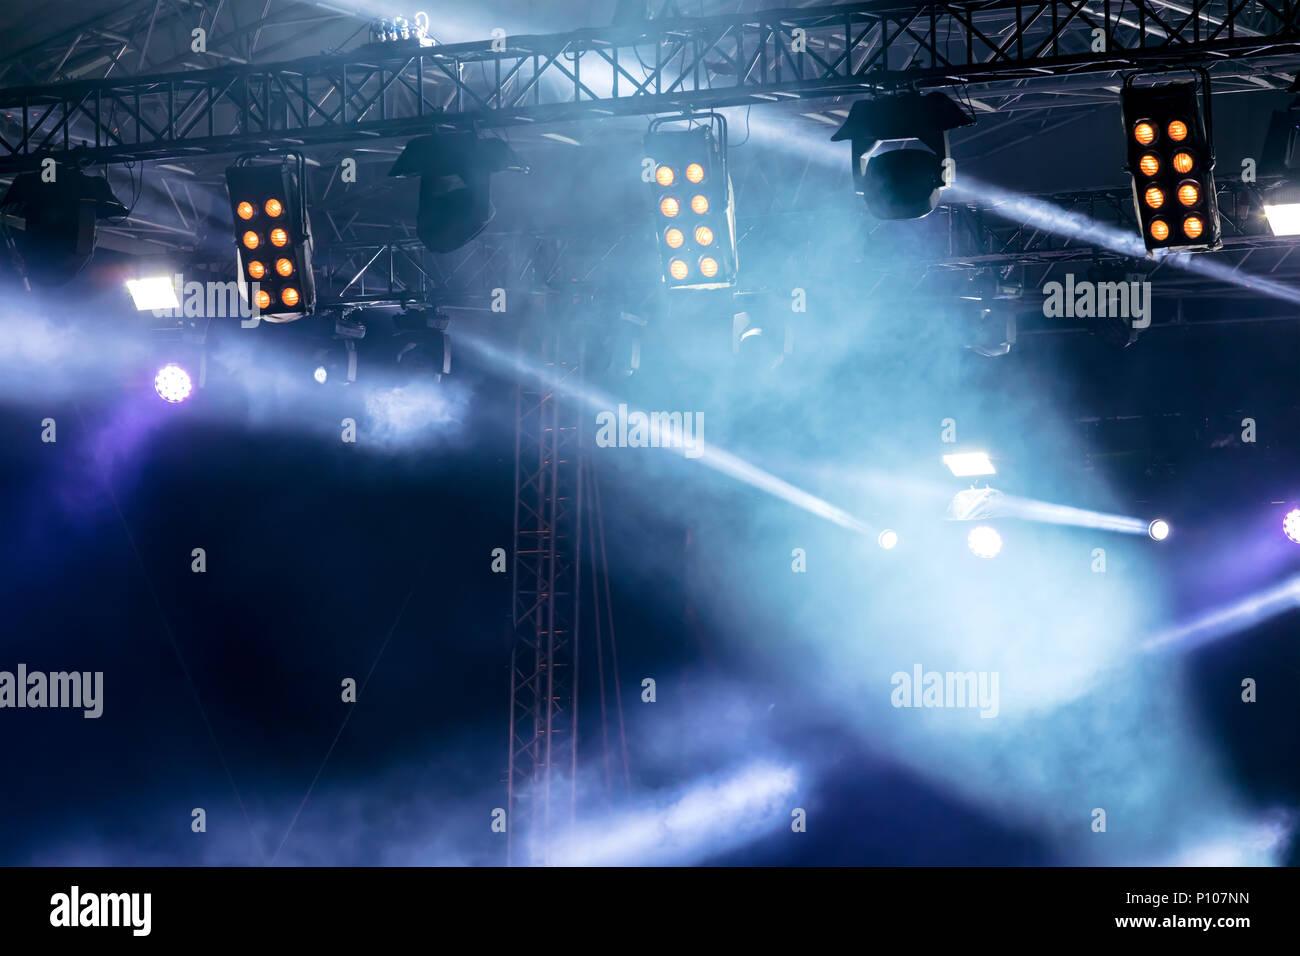 19efe0bfb Luces del escenario durante un concierto de rock. Un rayo azul y humo